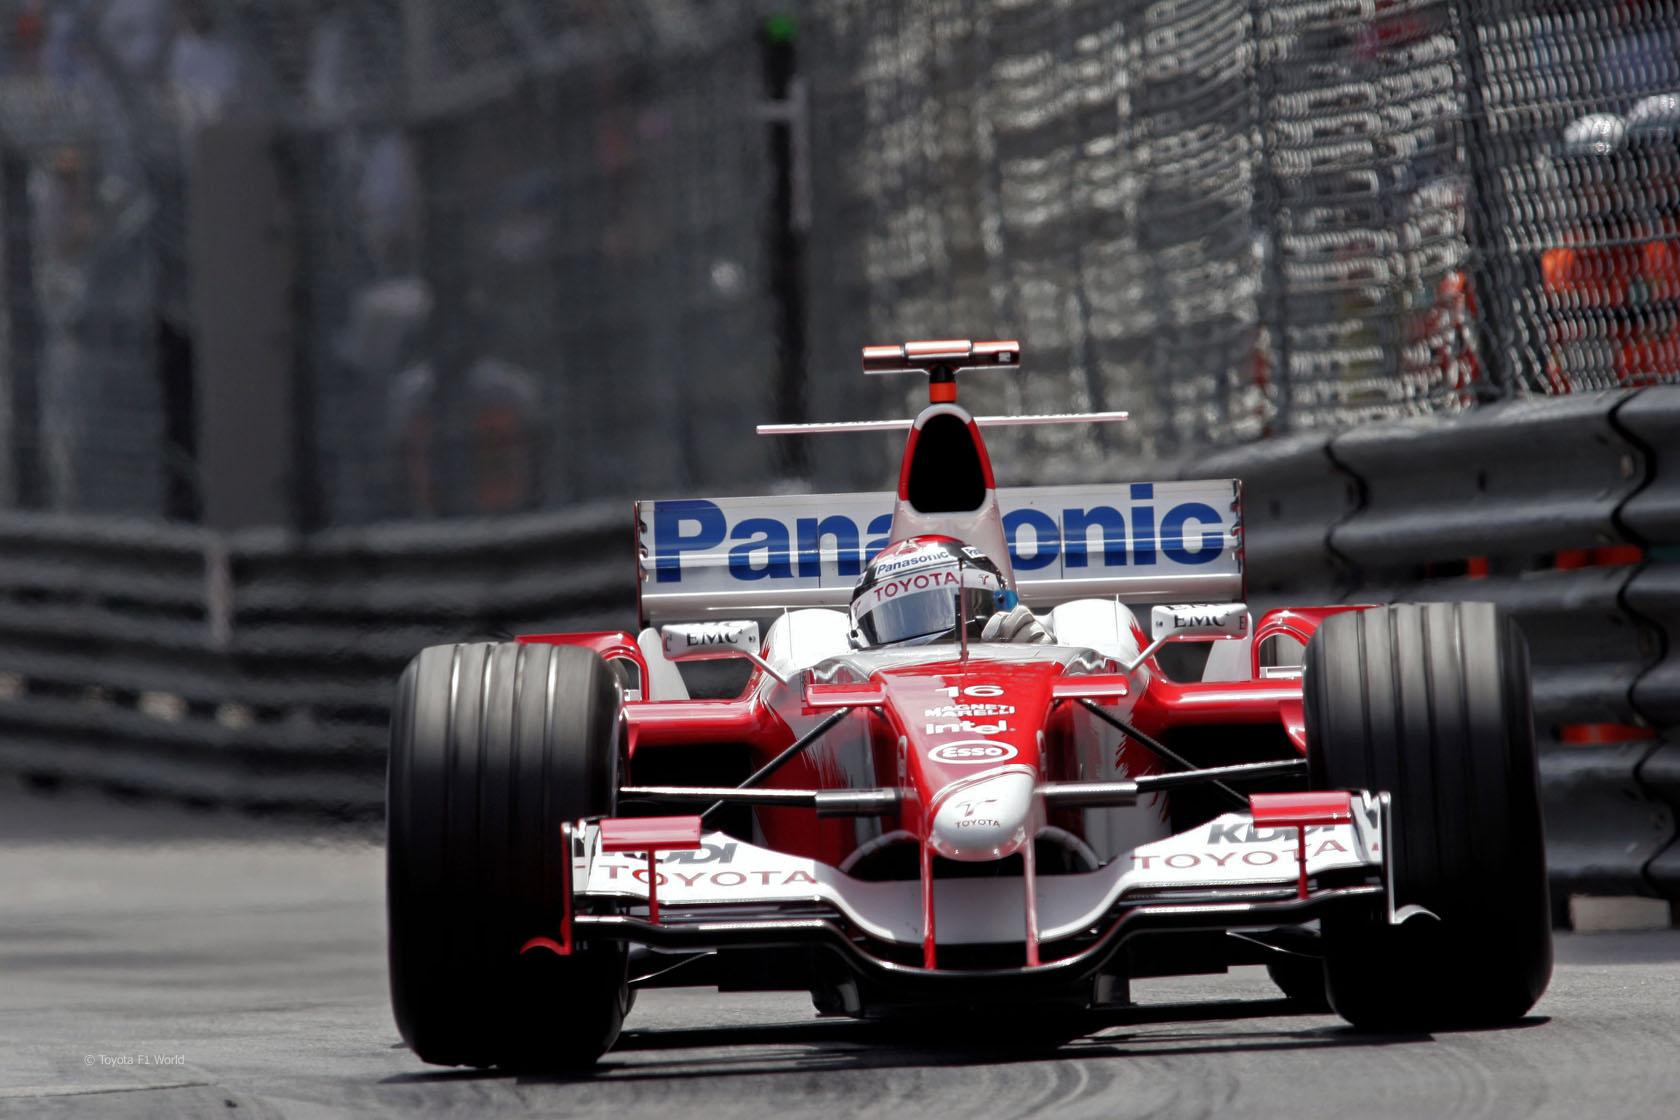 Jarno Trulli, Toyota, Monaco, 2005